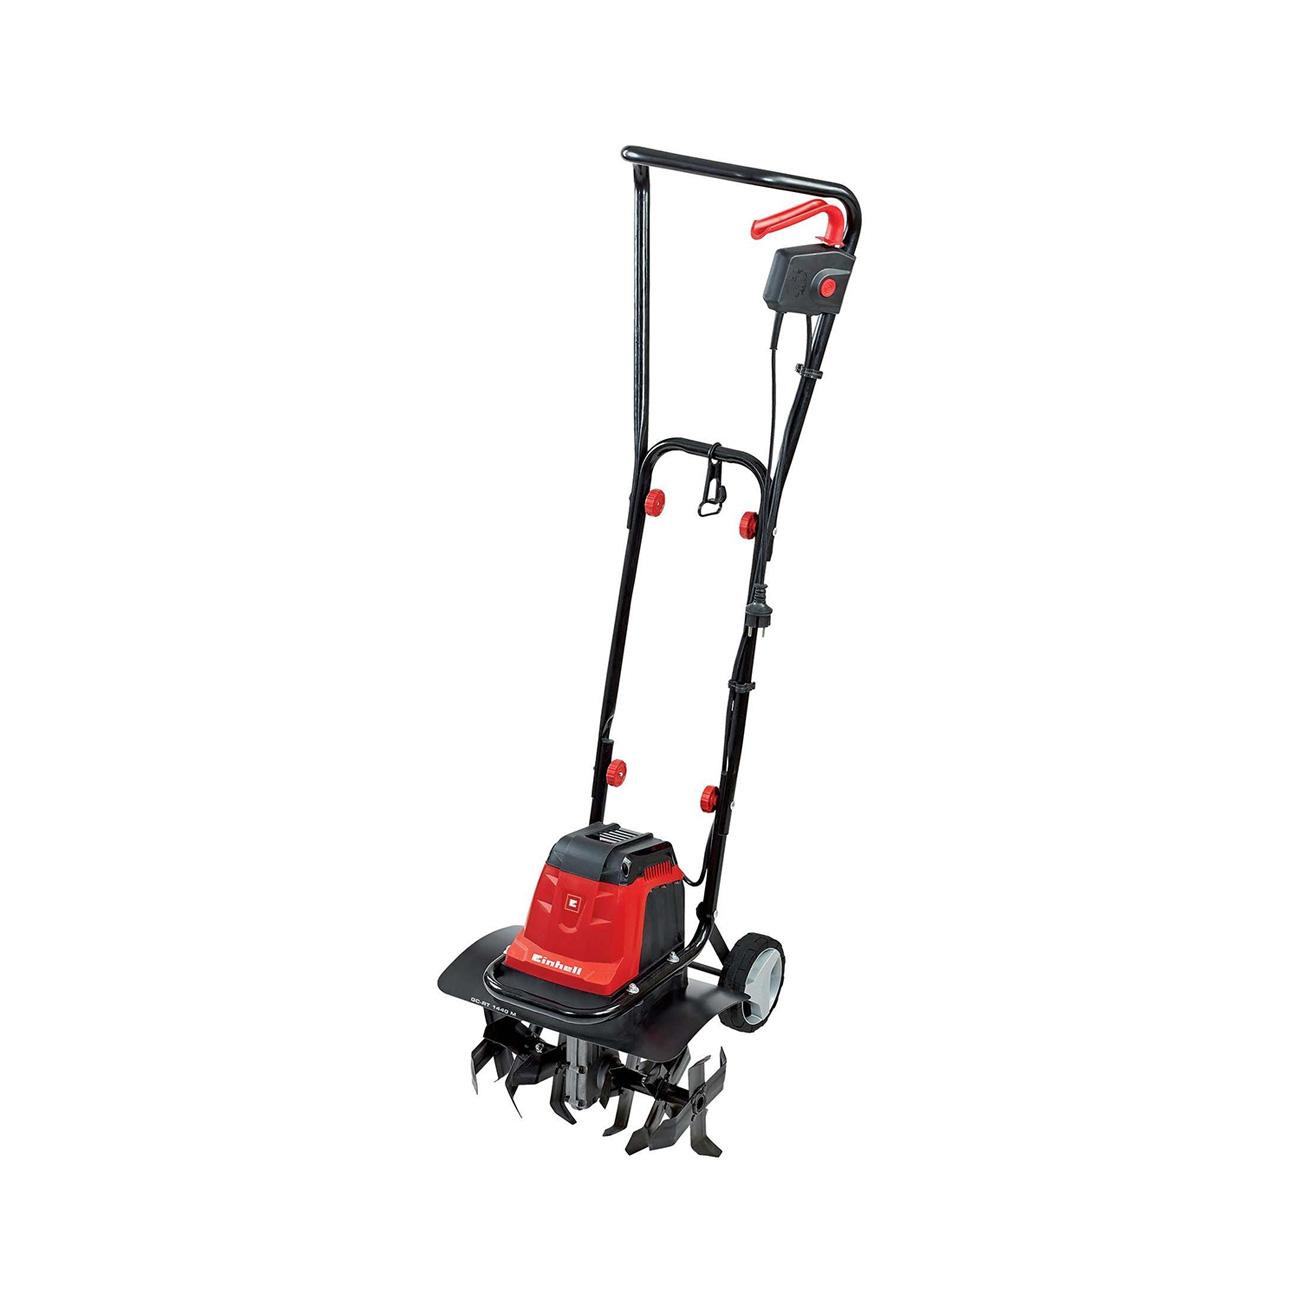 Motobineuse électrique GC-RT 1440 M -